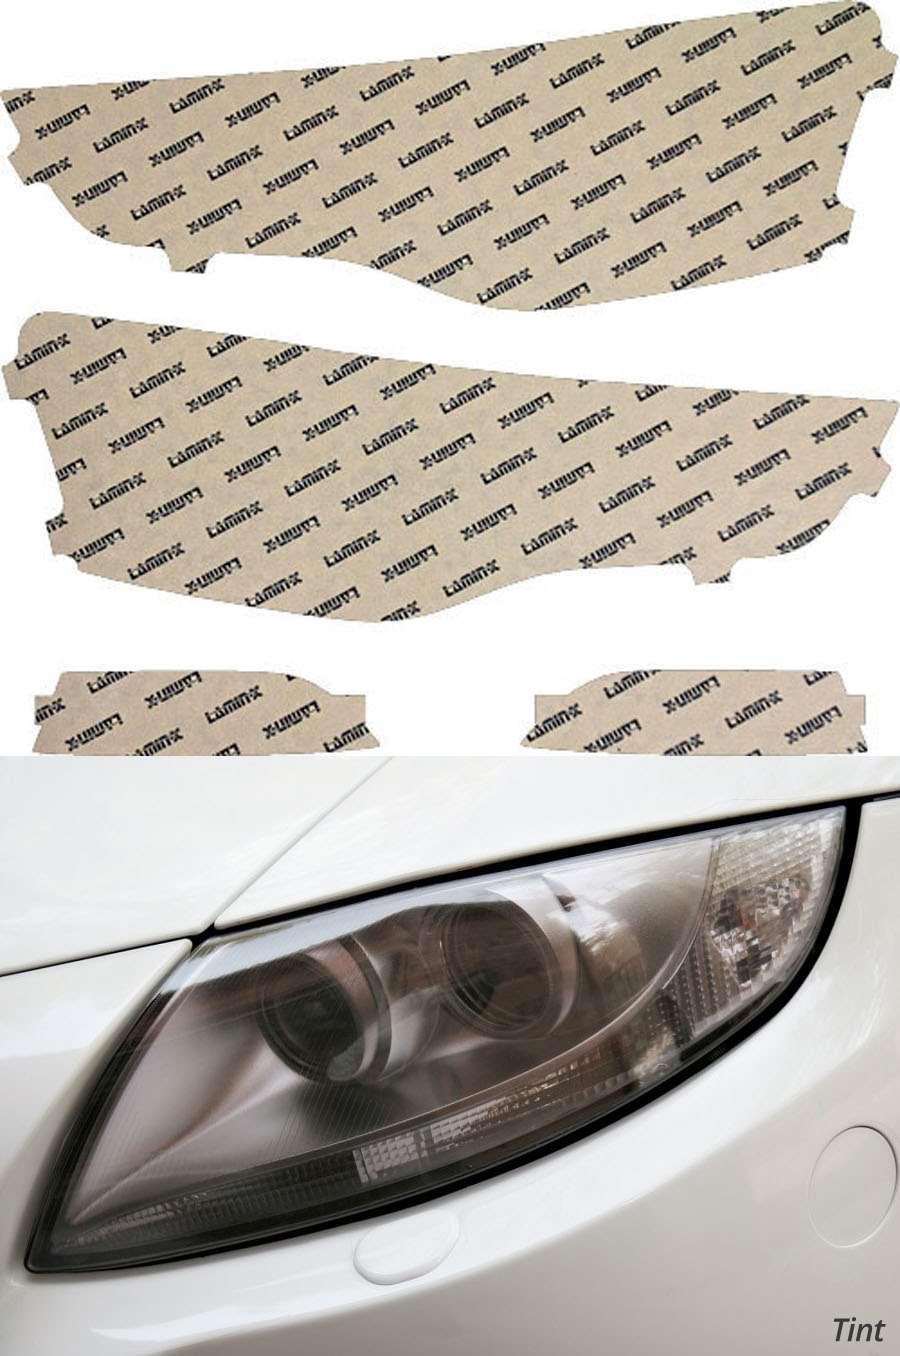 Audi S5 13-20 Tint Headlight Covers Lamin-X A030T